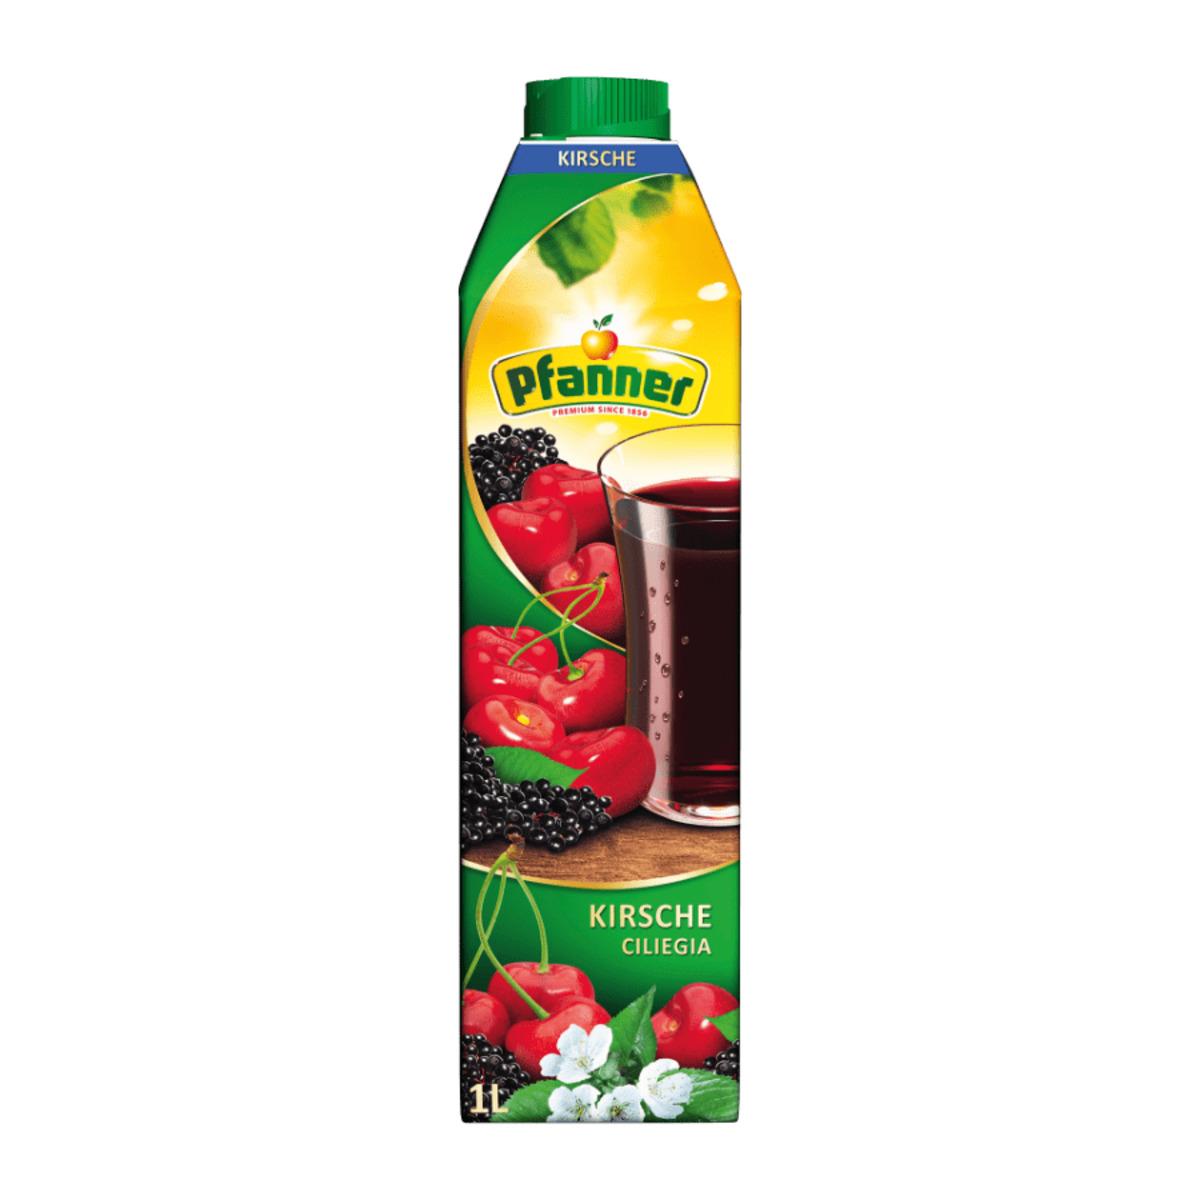 Bild 4 von Pfanner Fruchtsaftgetränk